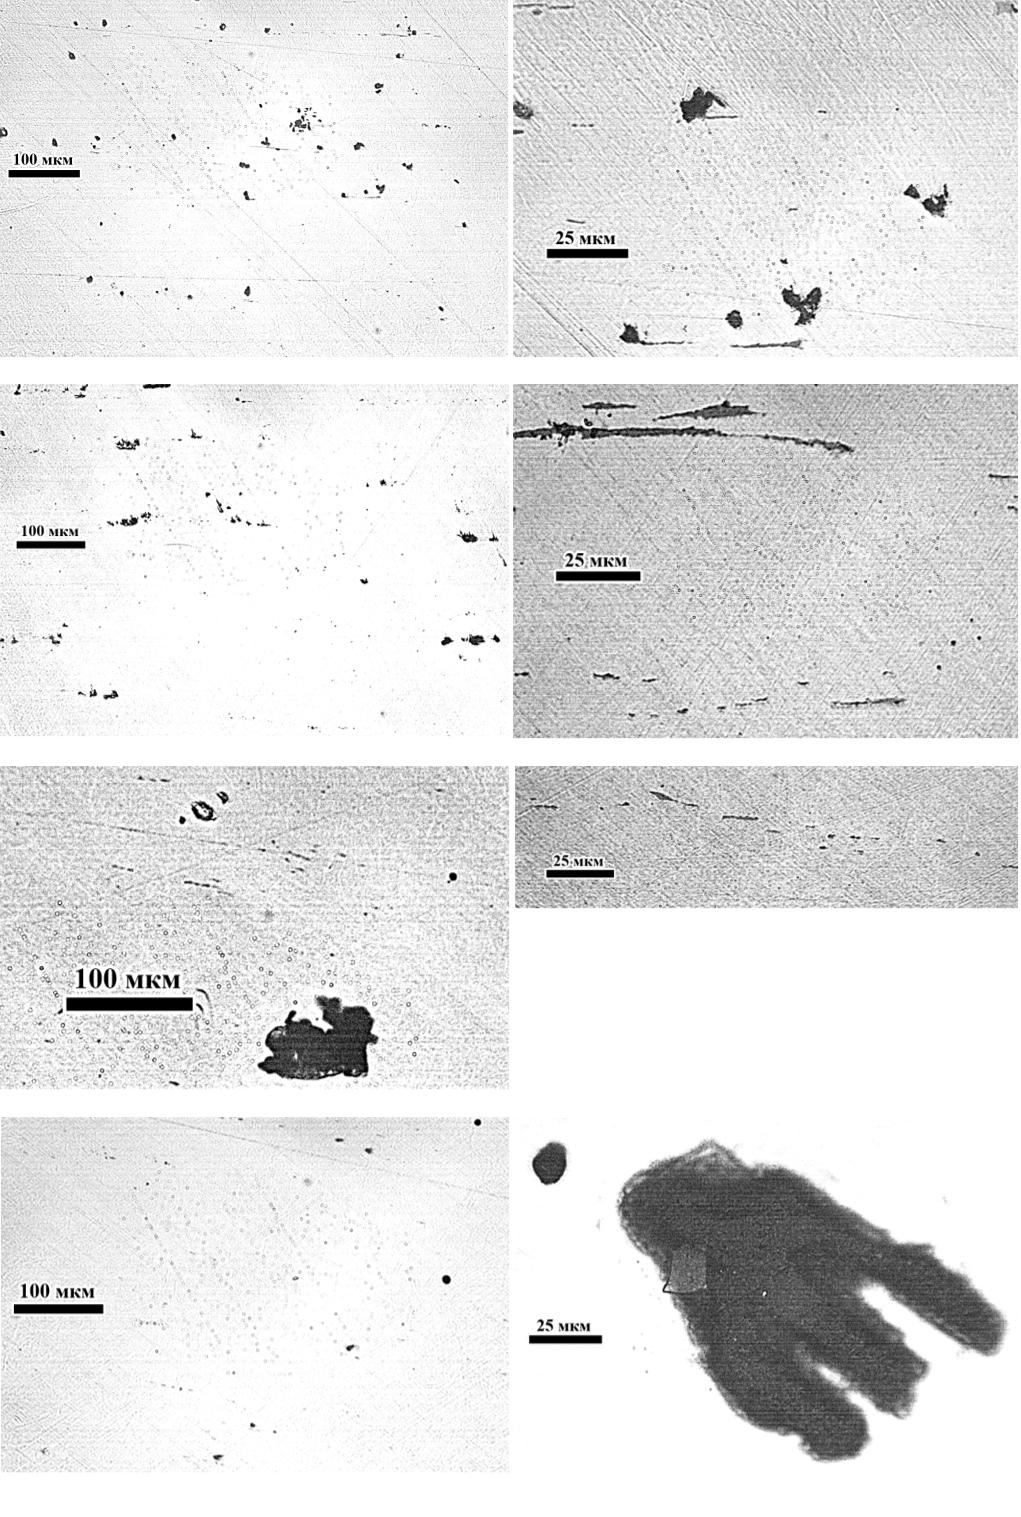 Рис. 2. Неметаллические включения в металле предоставленных проб №1…4